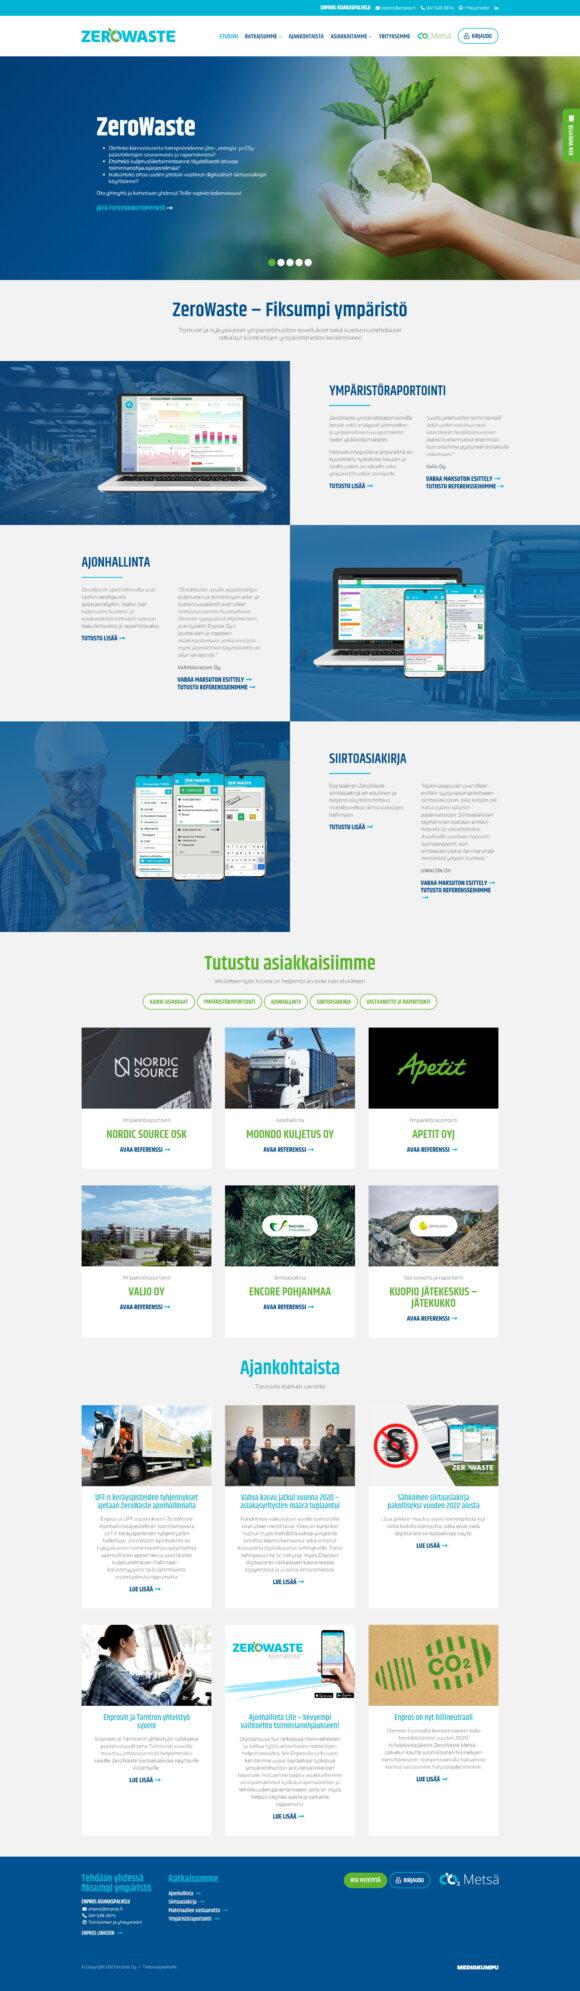 WordPress-kotisivut: Enpros ZeroWaste, etusivu - Mediakumpu